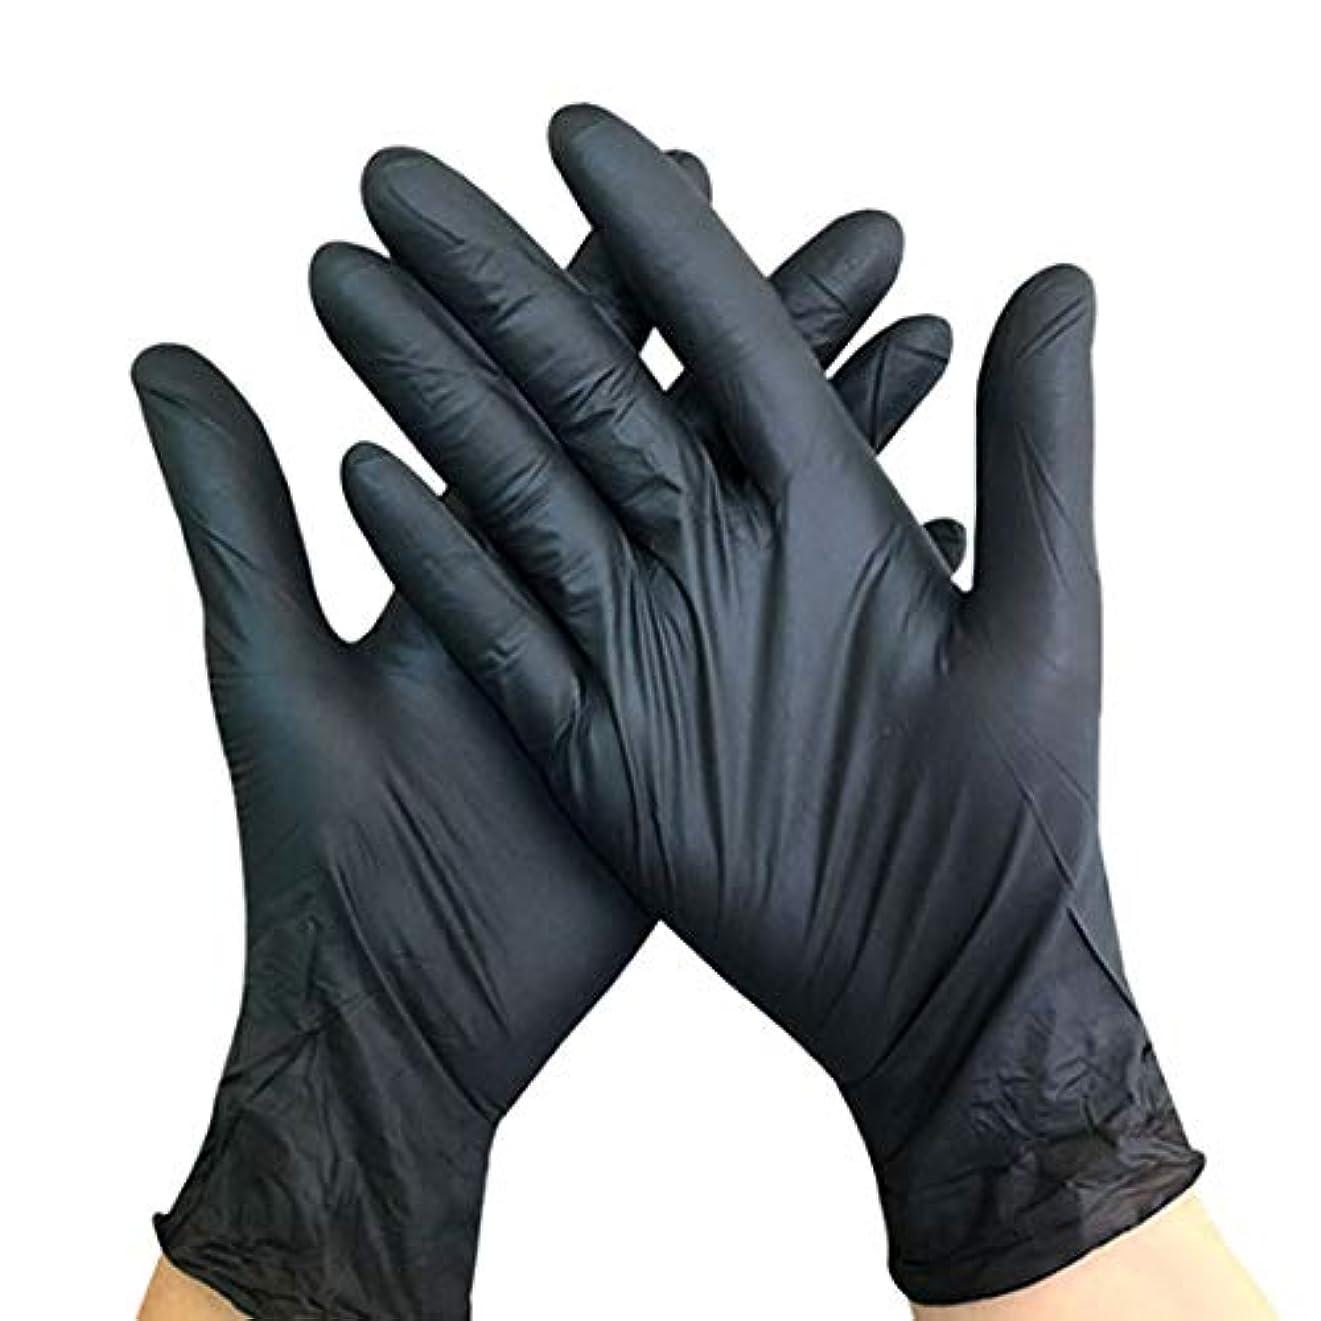 シャワー請求可能豊富Yuena Care 使い捨て手袋 100枚入 ニトリルグローブ 粉なし 作業手袋 耐油 料理 掃除 衛生 工業用 医療用 美容用 レストラン用 左右兼用 L